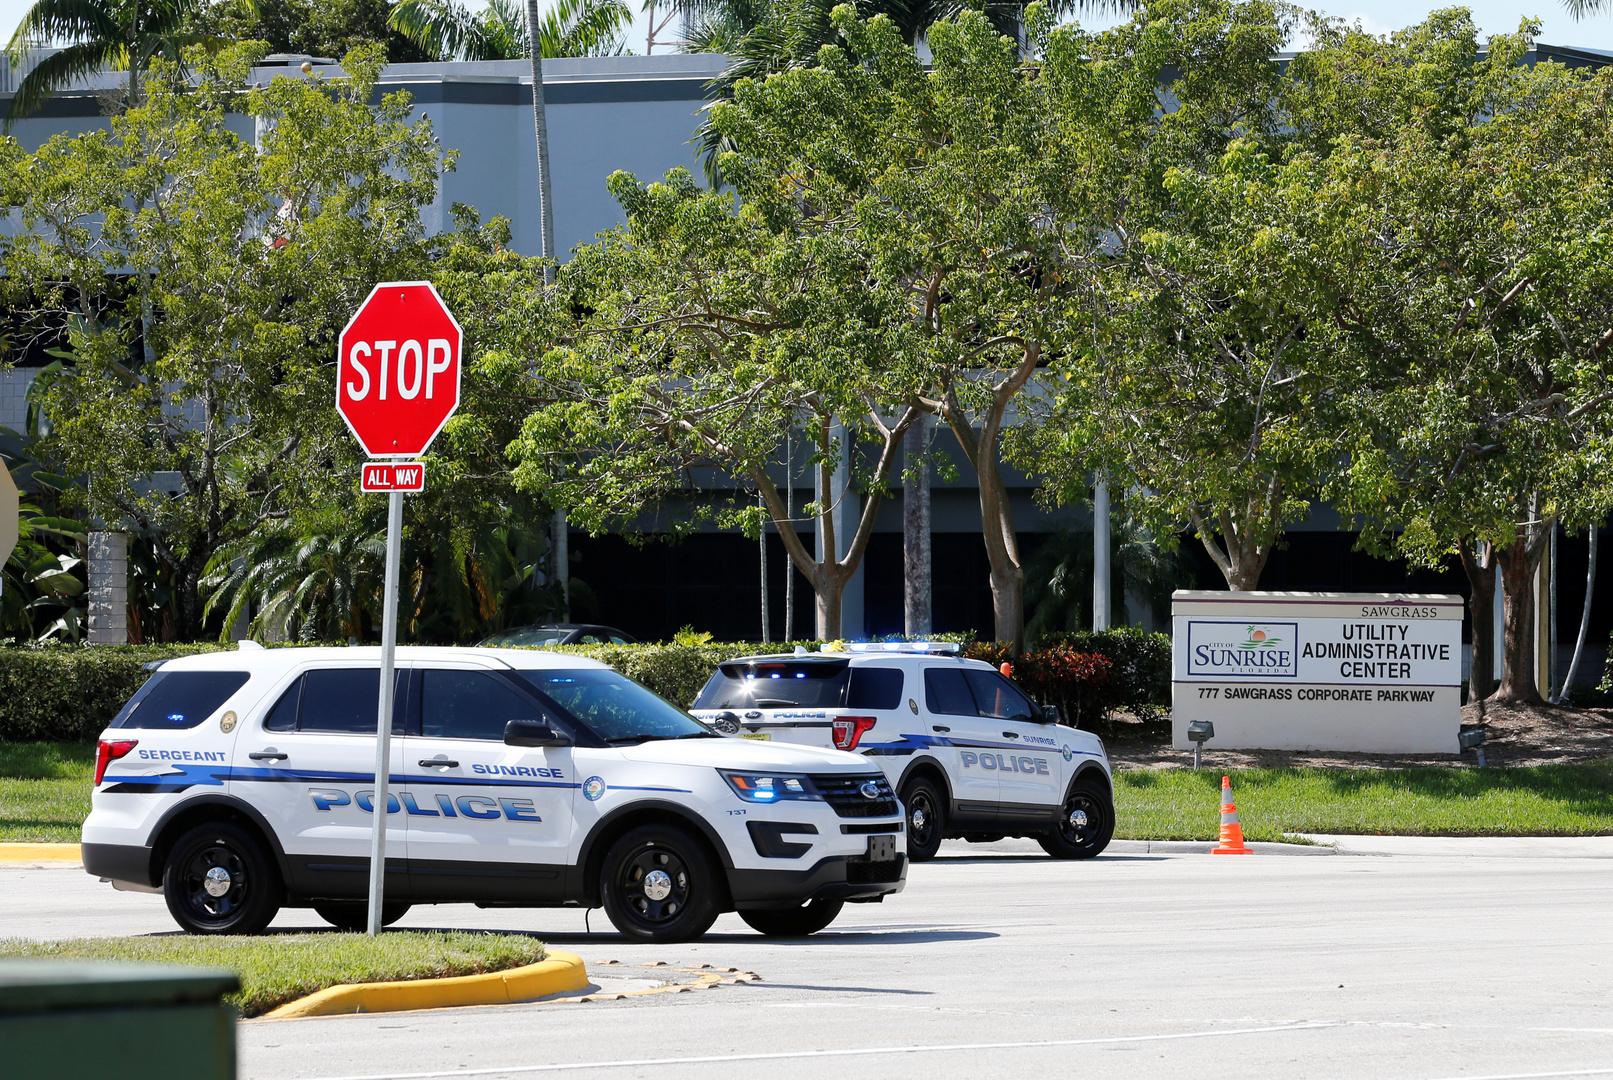 قتيلان و8 مصابين جراء إطلاق نار في ملهى ليلي في كارولاينا الجنوبية